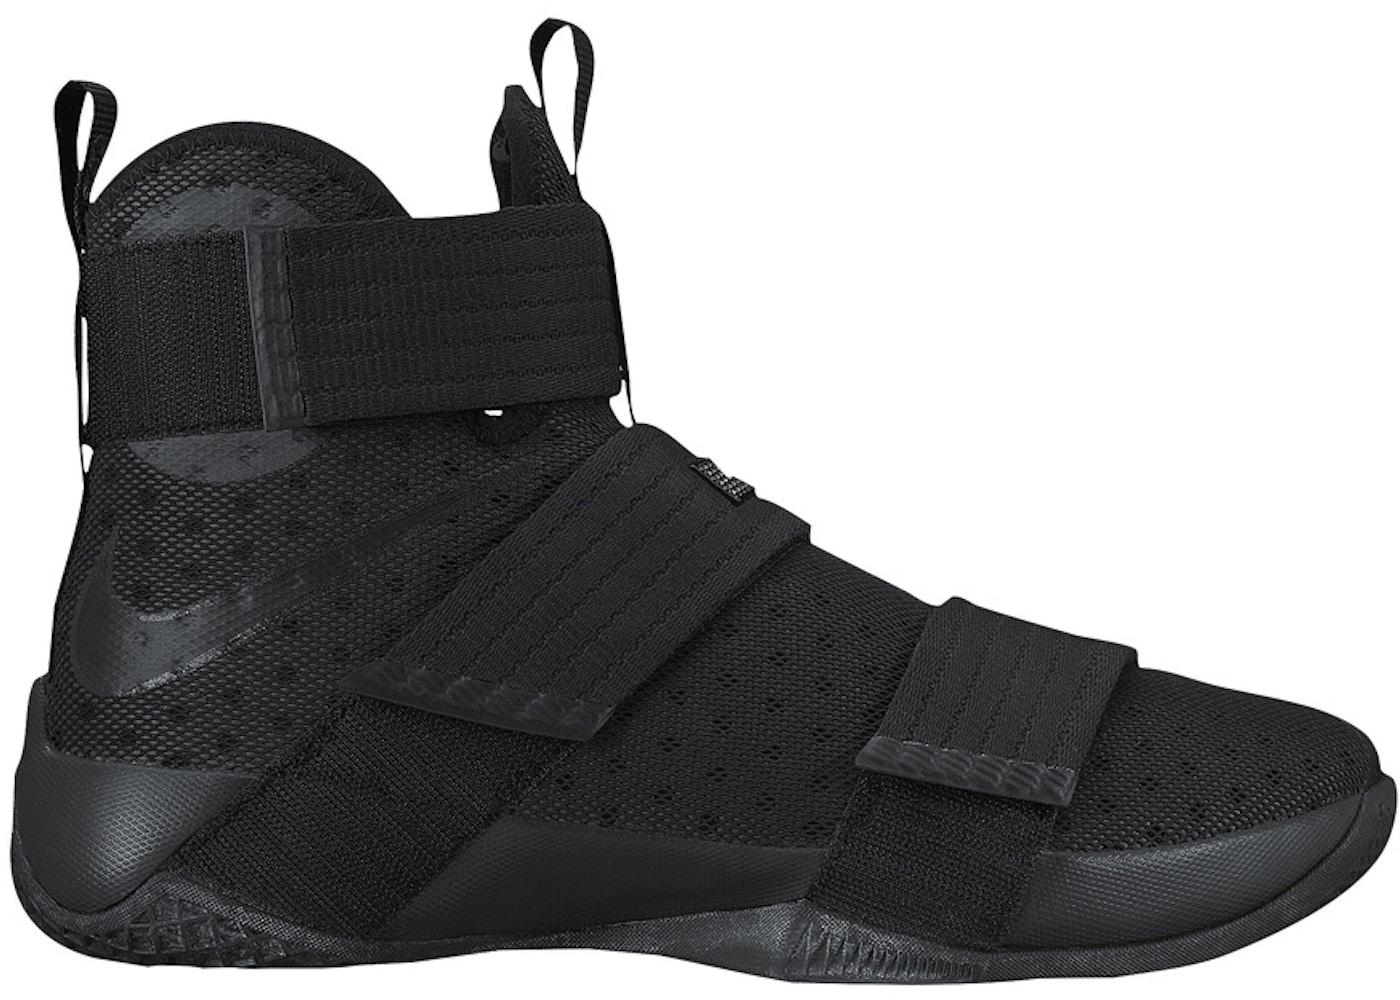 Pornografía mientras tanto bolsillo  Nike LeBron Zoom Soldier 10 Black Space - 844374-001